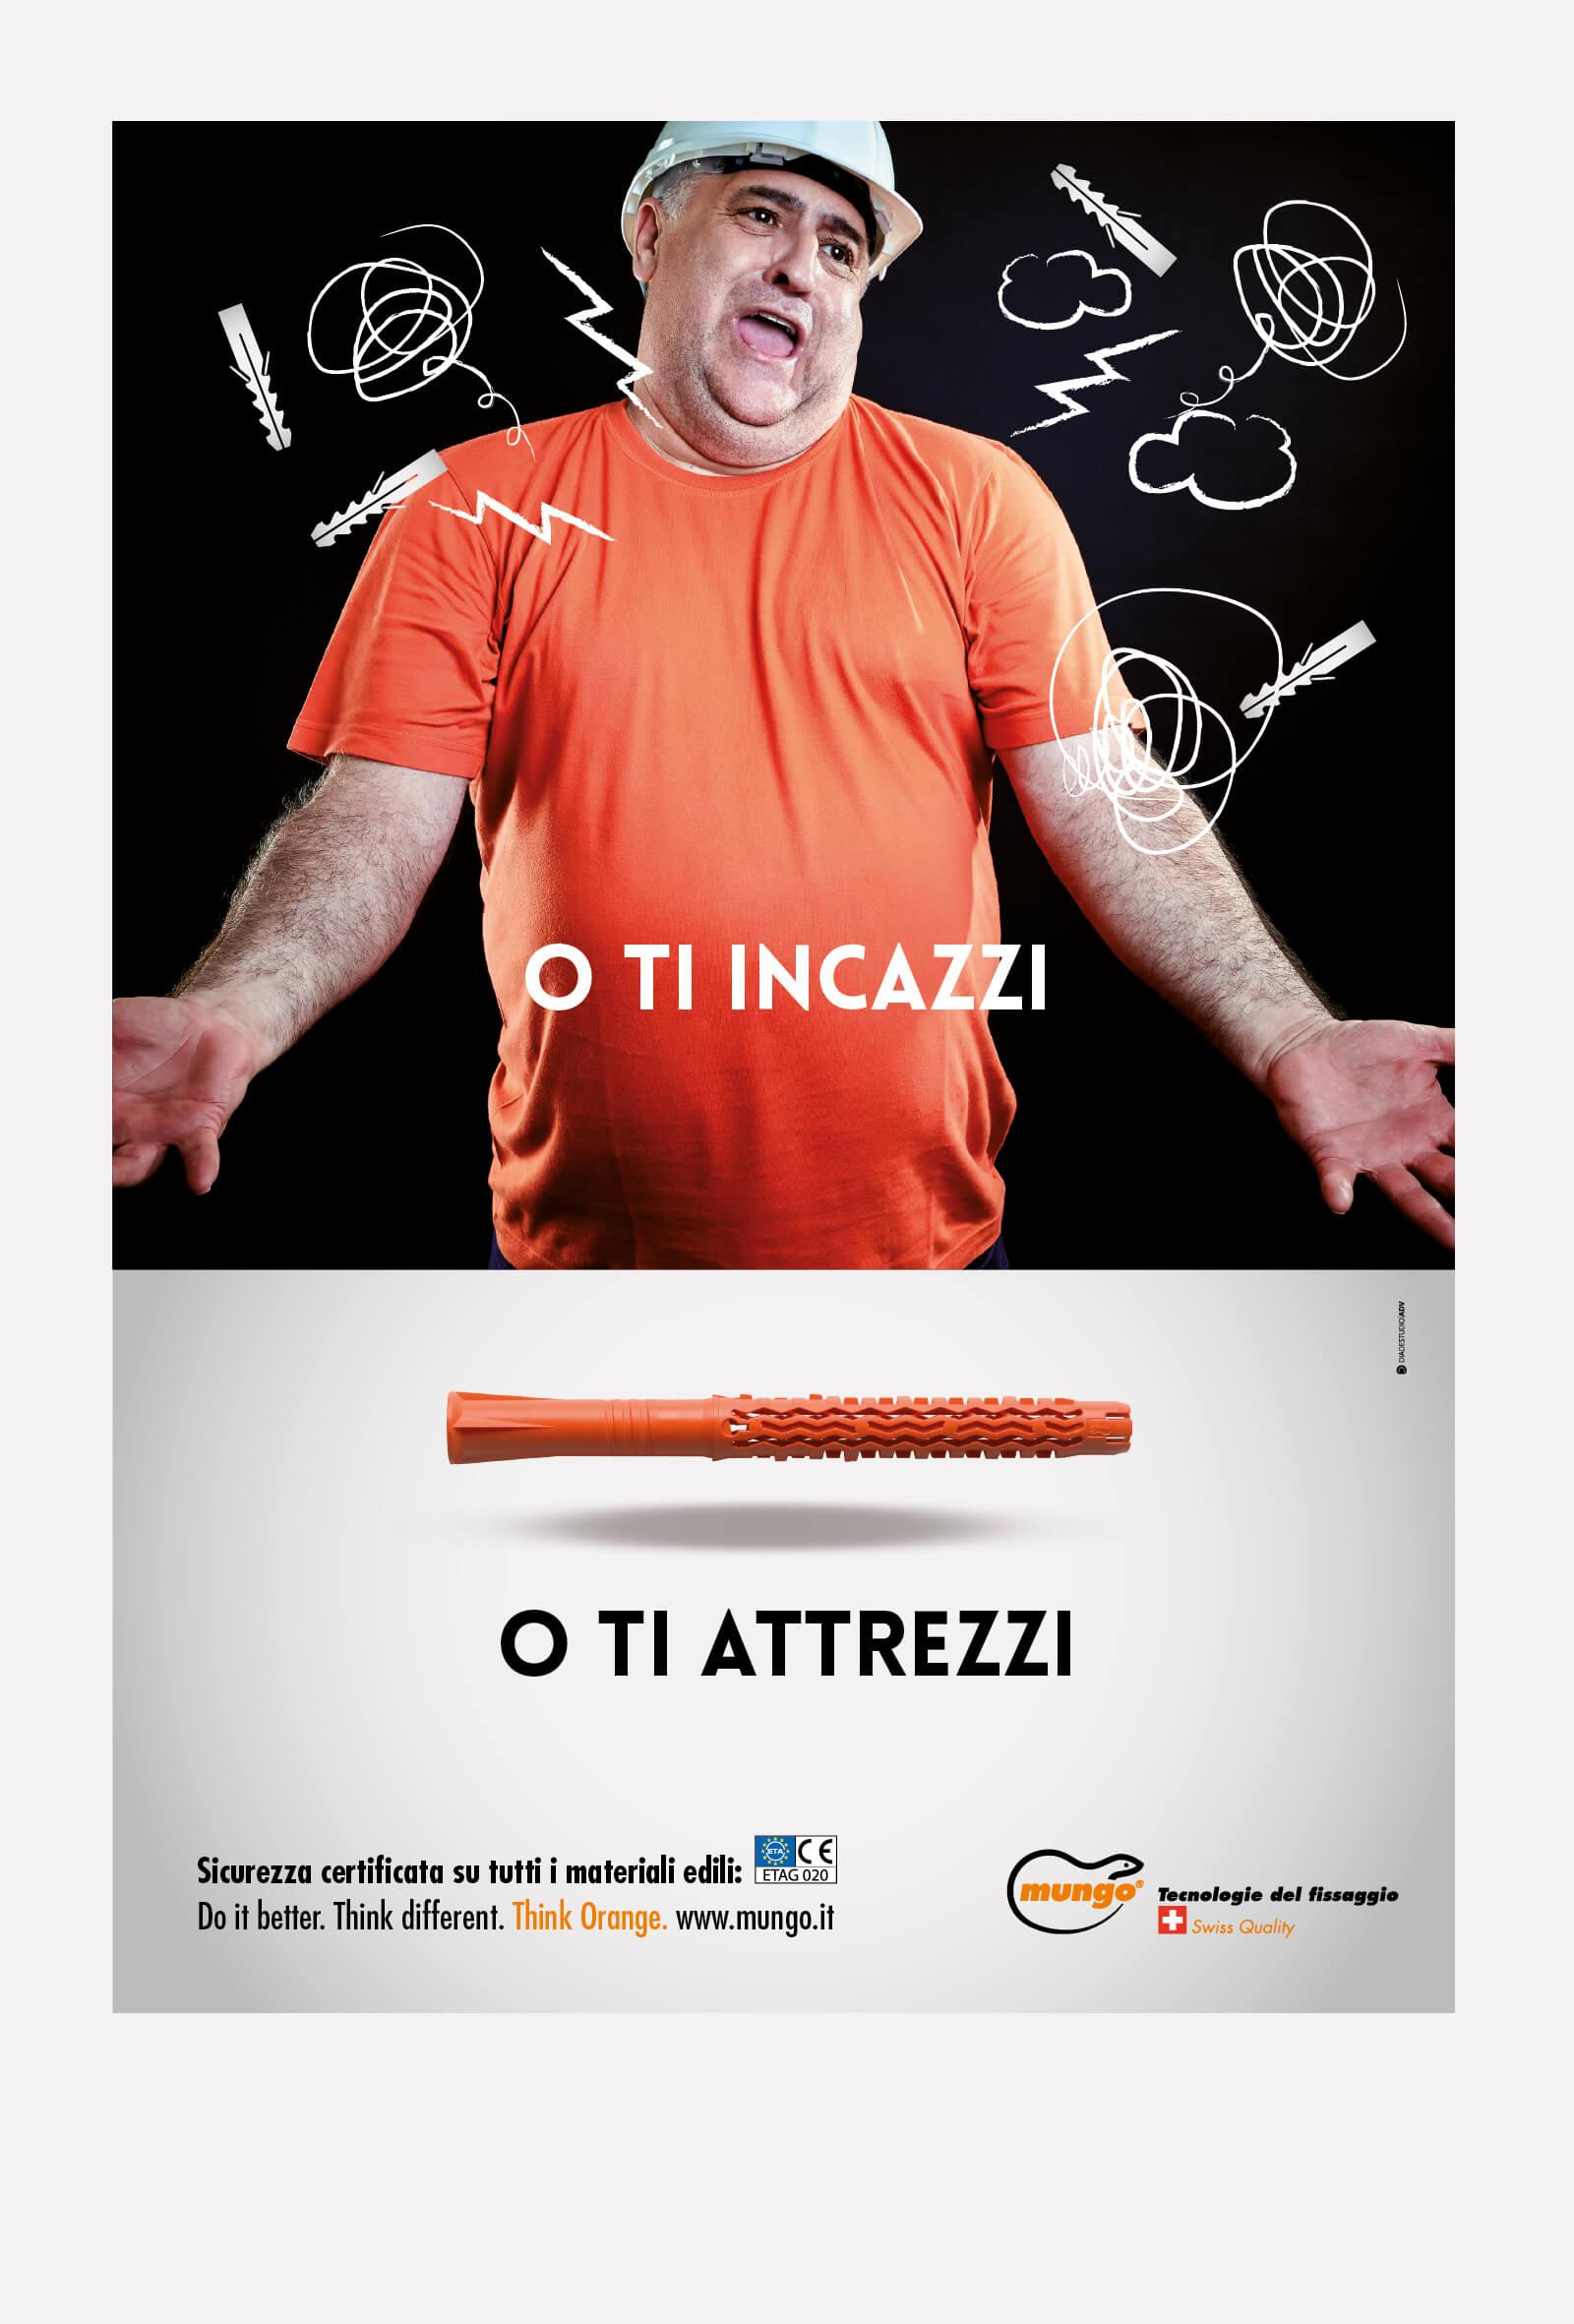 advertising per la campagna stampa mungo italia, diadestudio arco di trento